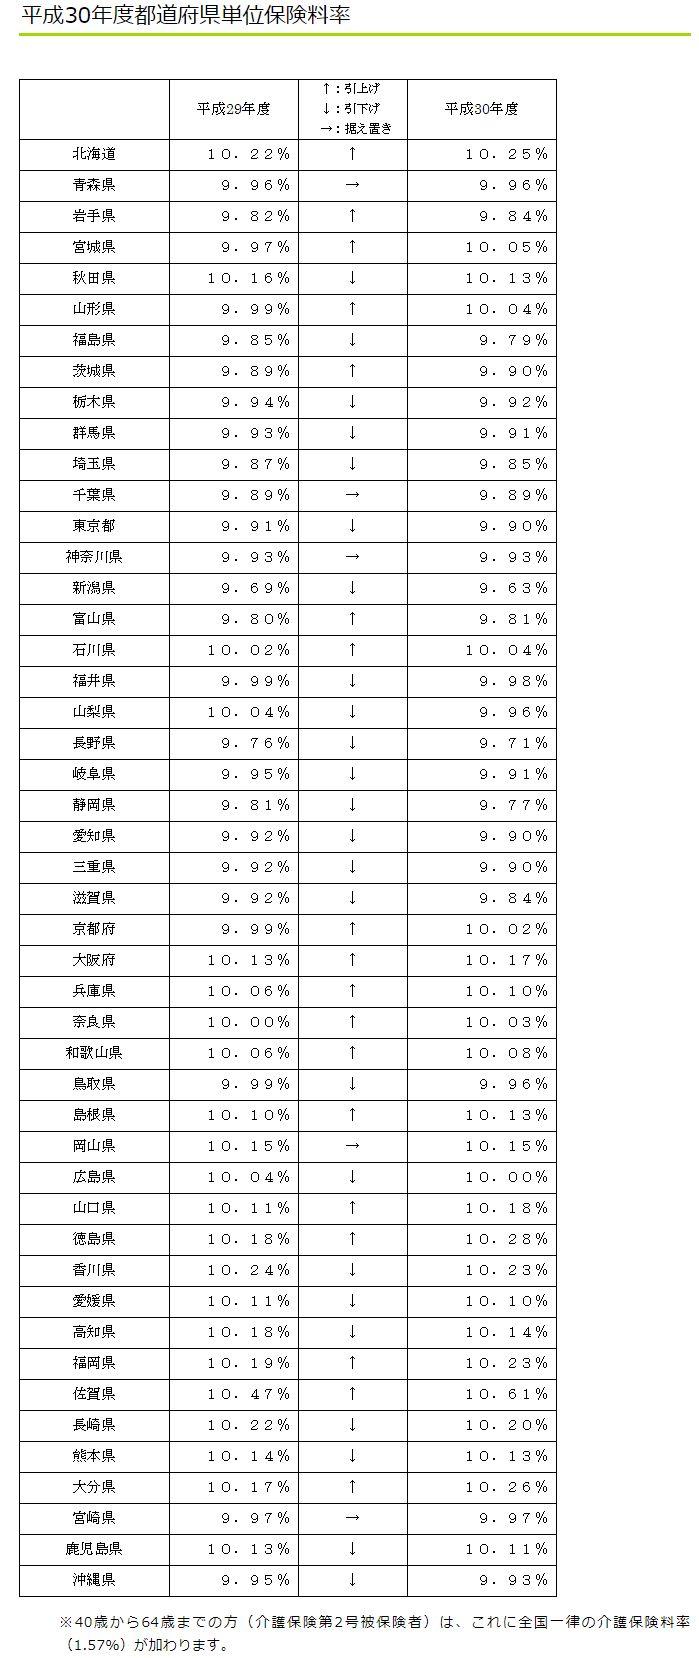 平成30年度都道府県単位保険料率表